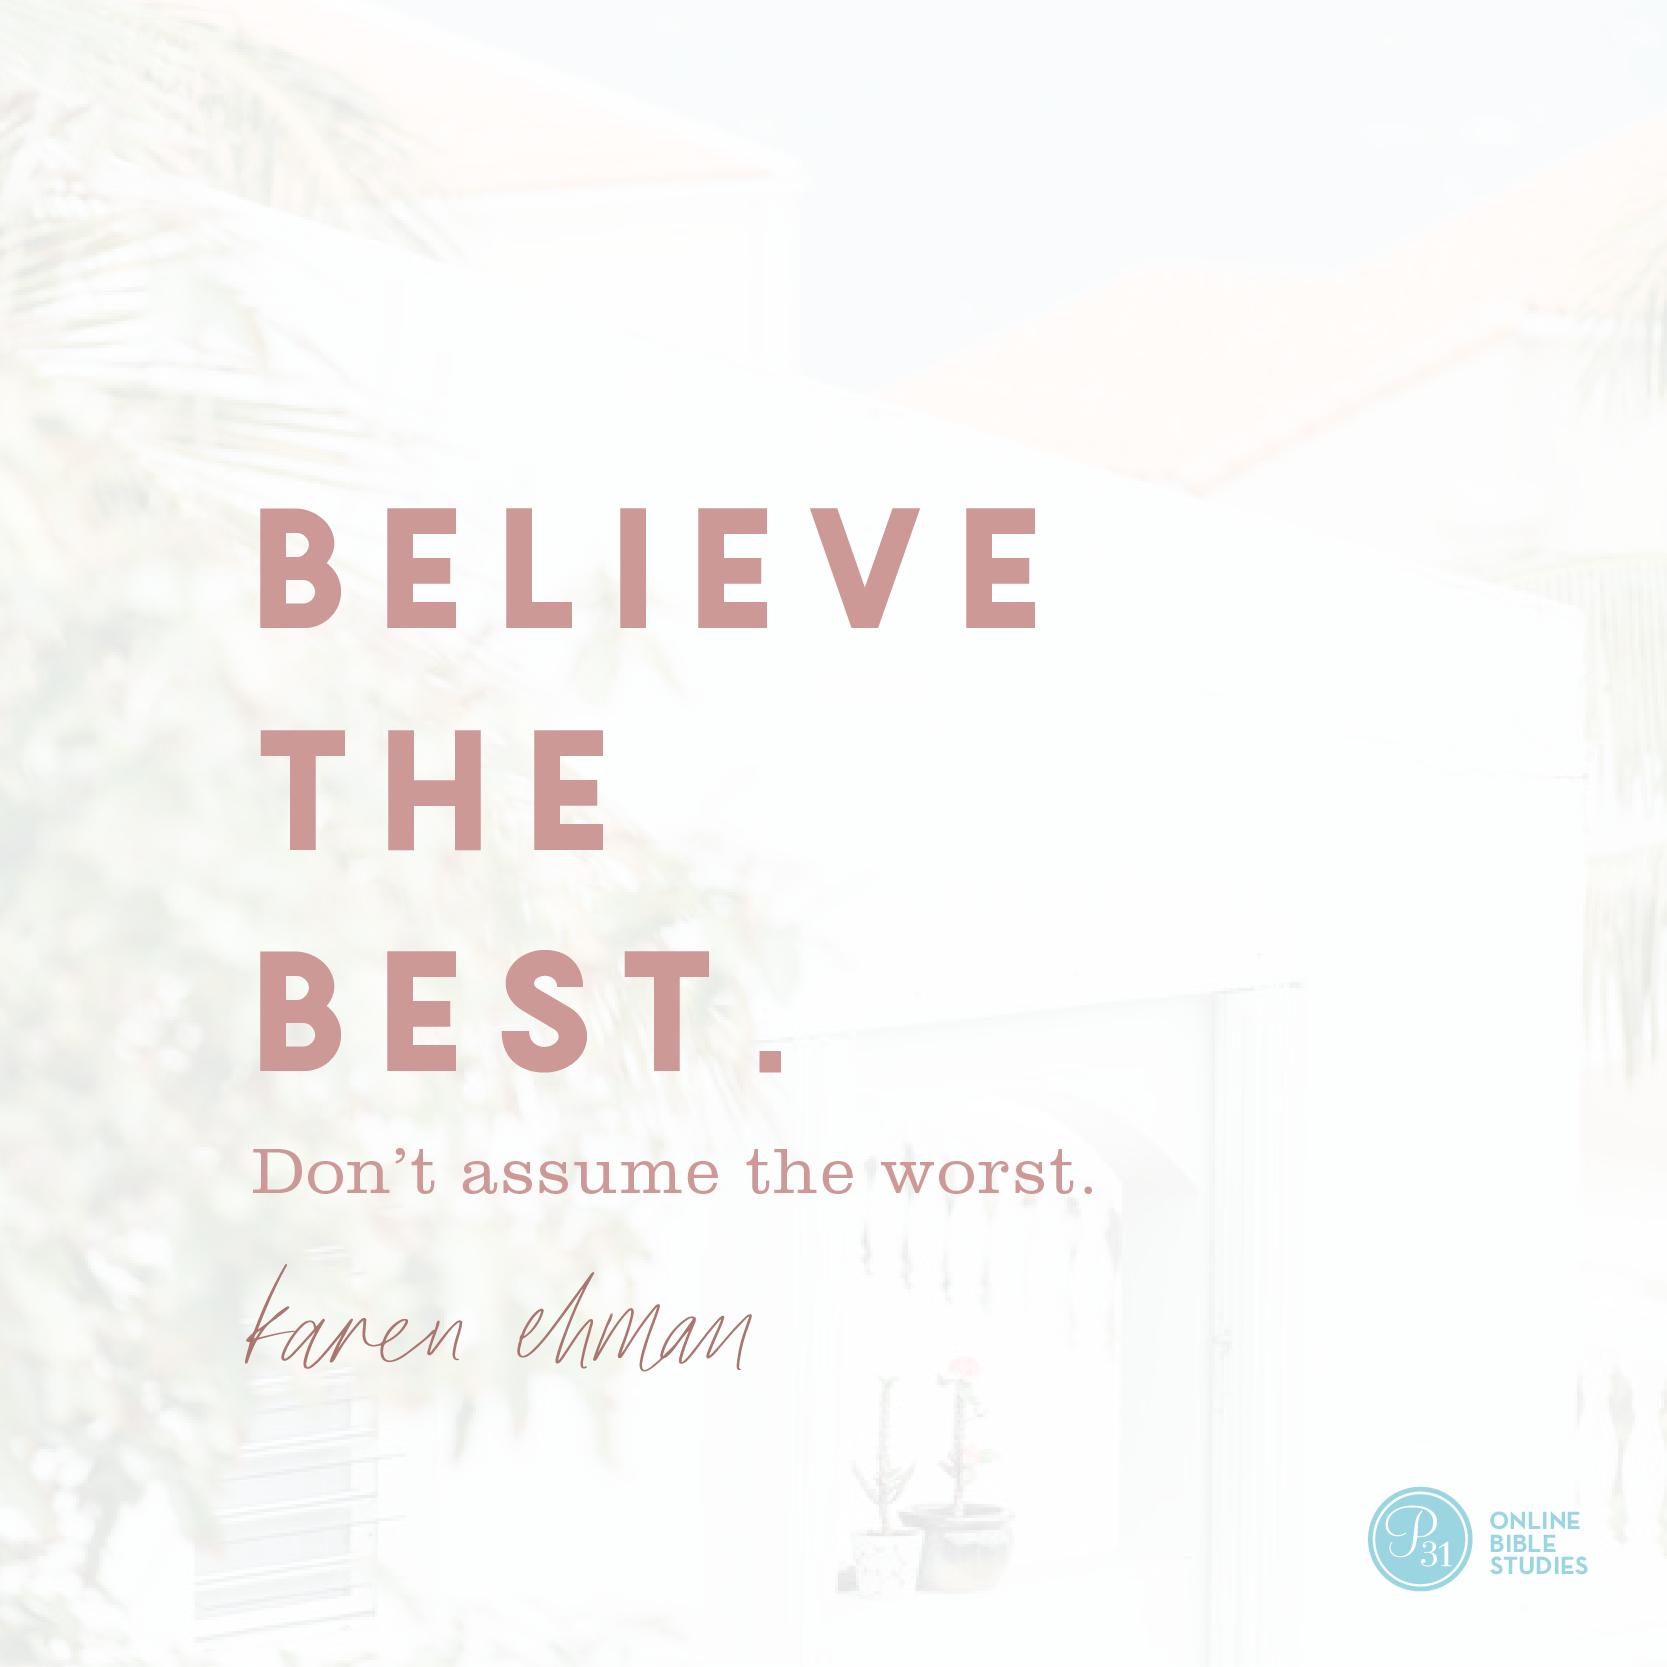 """""""Believe the best. Don't assume the worst.""""- Karen Ehman  #KeepShowingUpBook   Proverbs 31 Online Bible Studies Week 2 #P31OBS"""